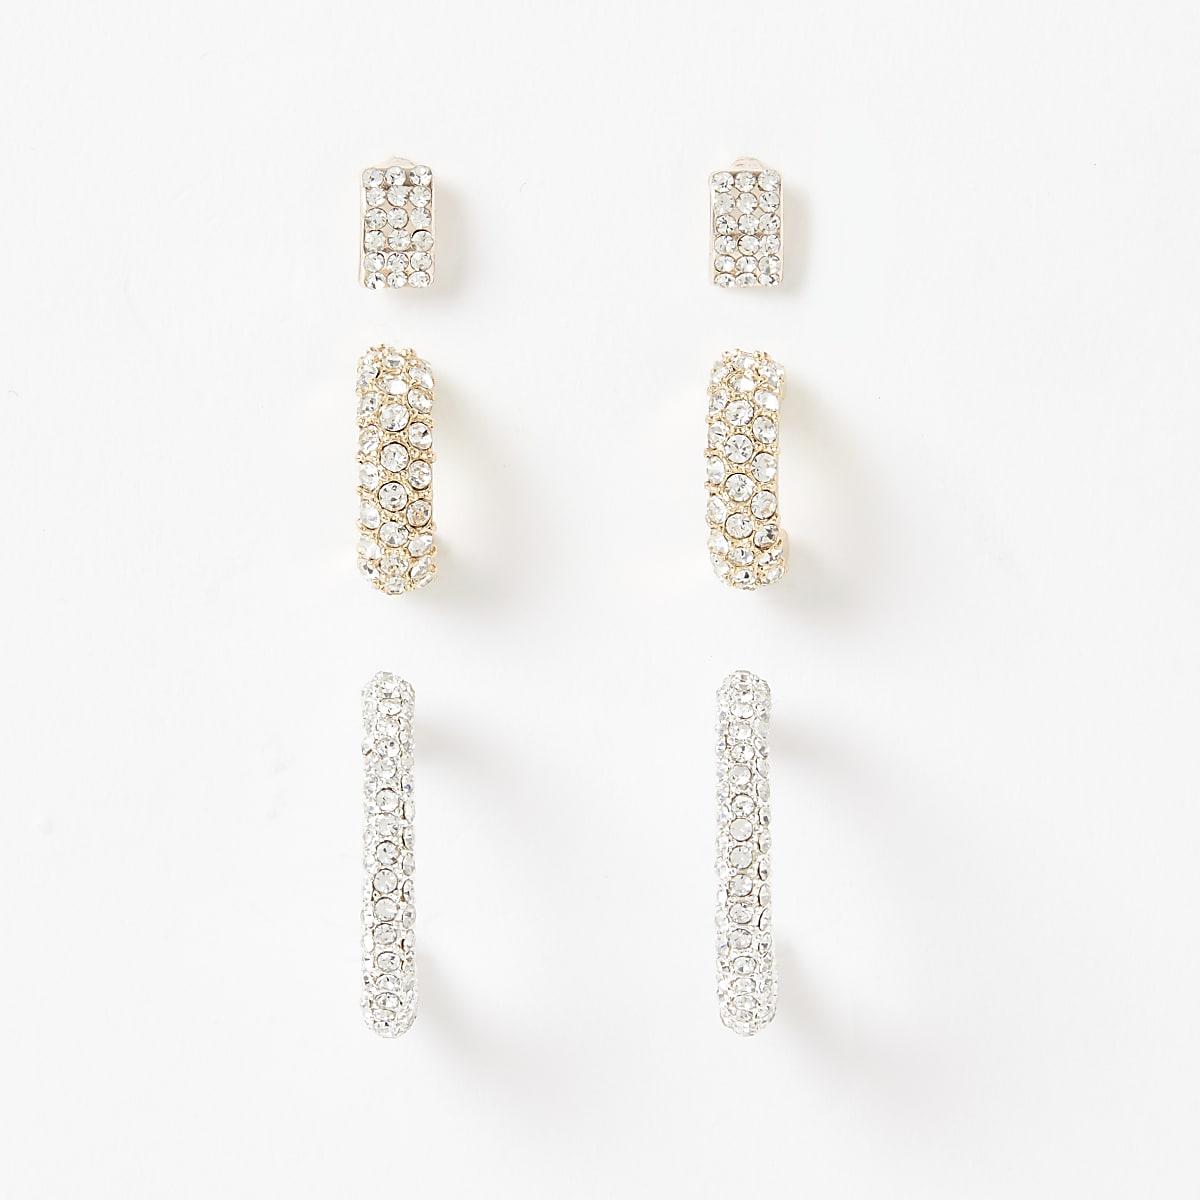 Gold diamante paved hoop earrings 3 pack